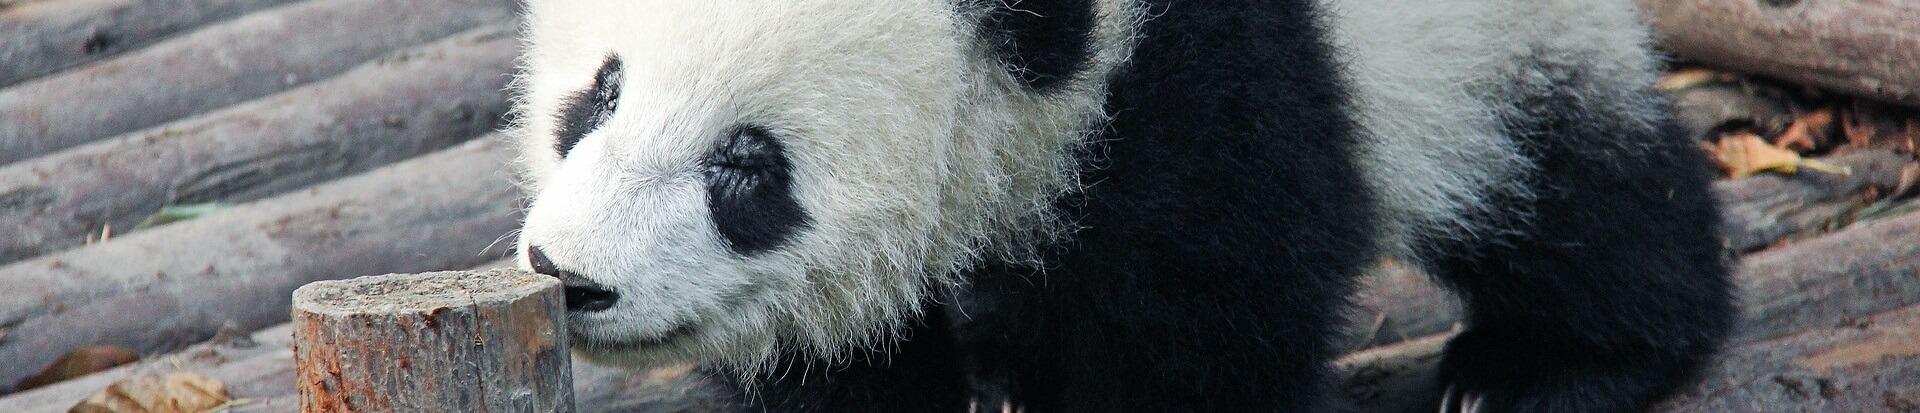 Warum sind Pandas schwarz weiß